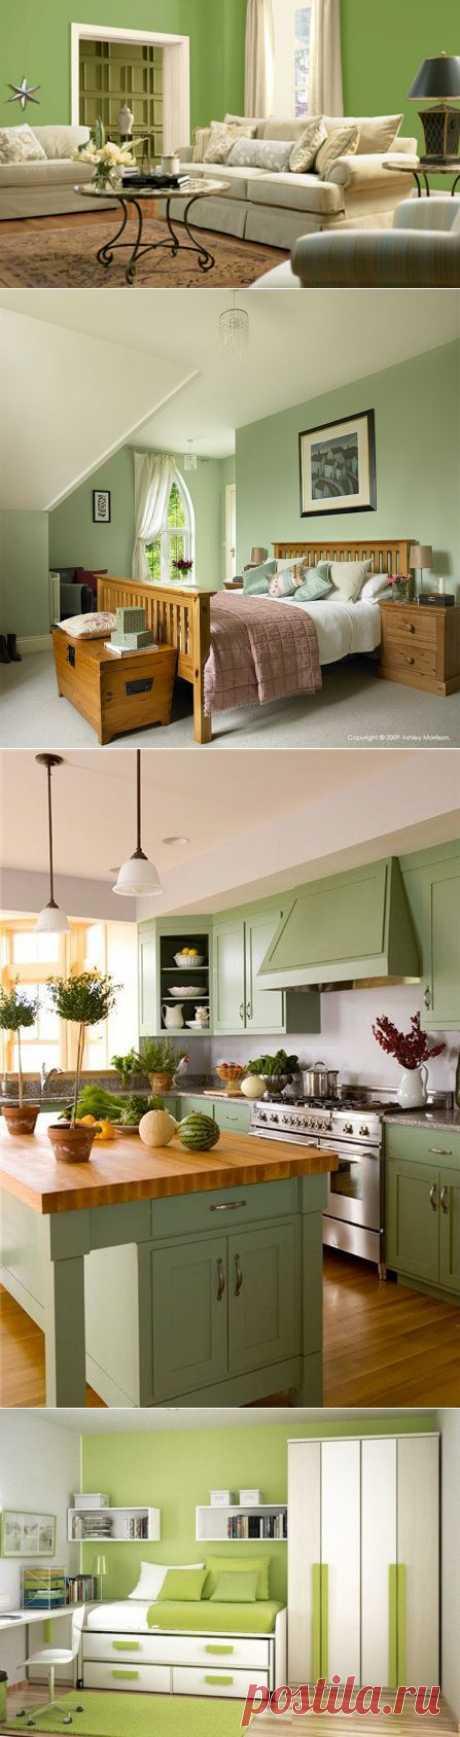 Фисташковыйцвет стен в интерьере спальни - Дизайн квартиры!